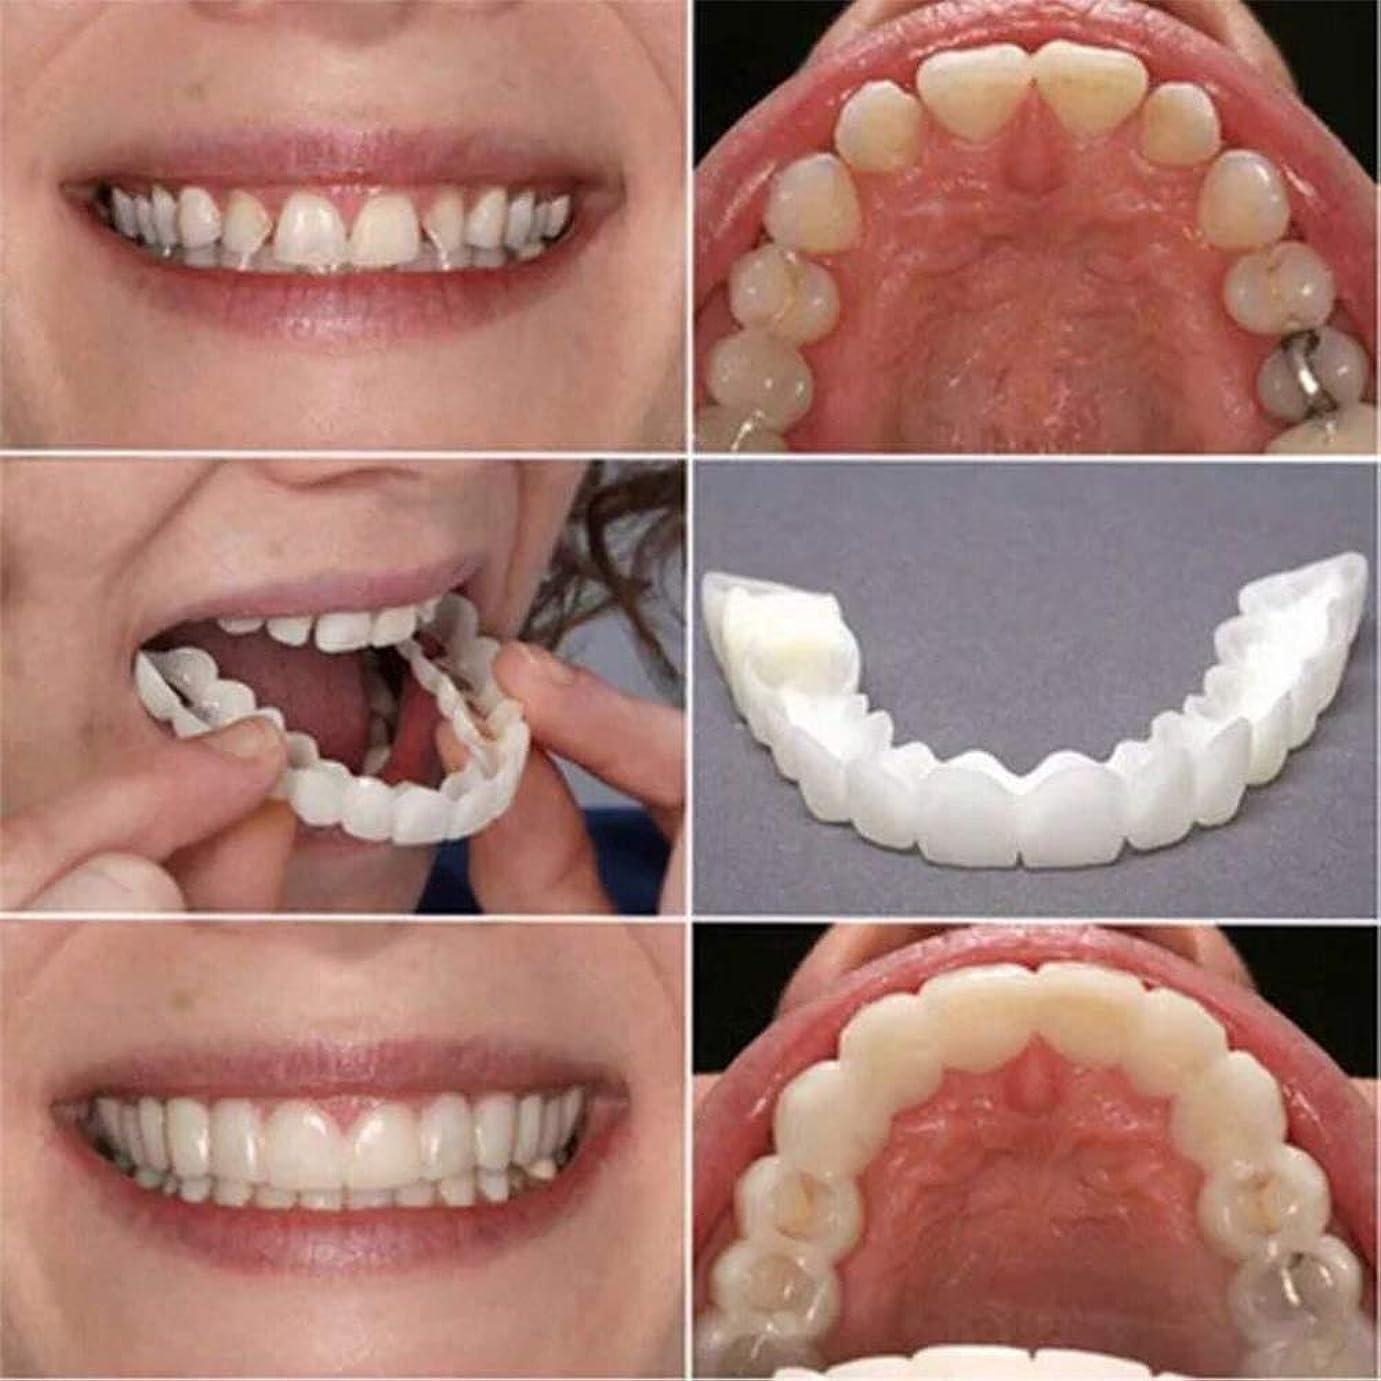 コンプライアンス知事花に水をやる2個の歯ピースフィッティング快適なフィット歯のソケット義歯口腔用品矯正アクセティース 笑顔を保つ